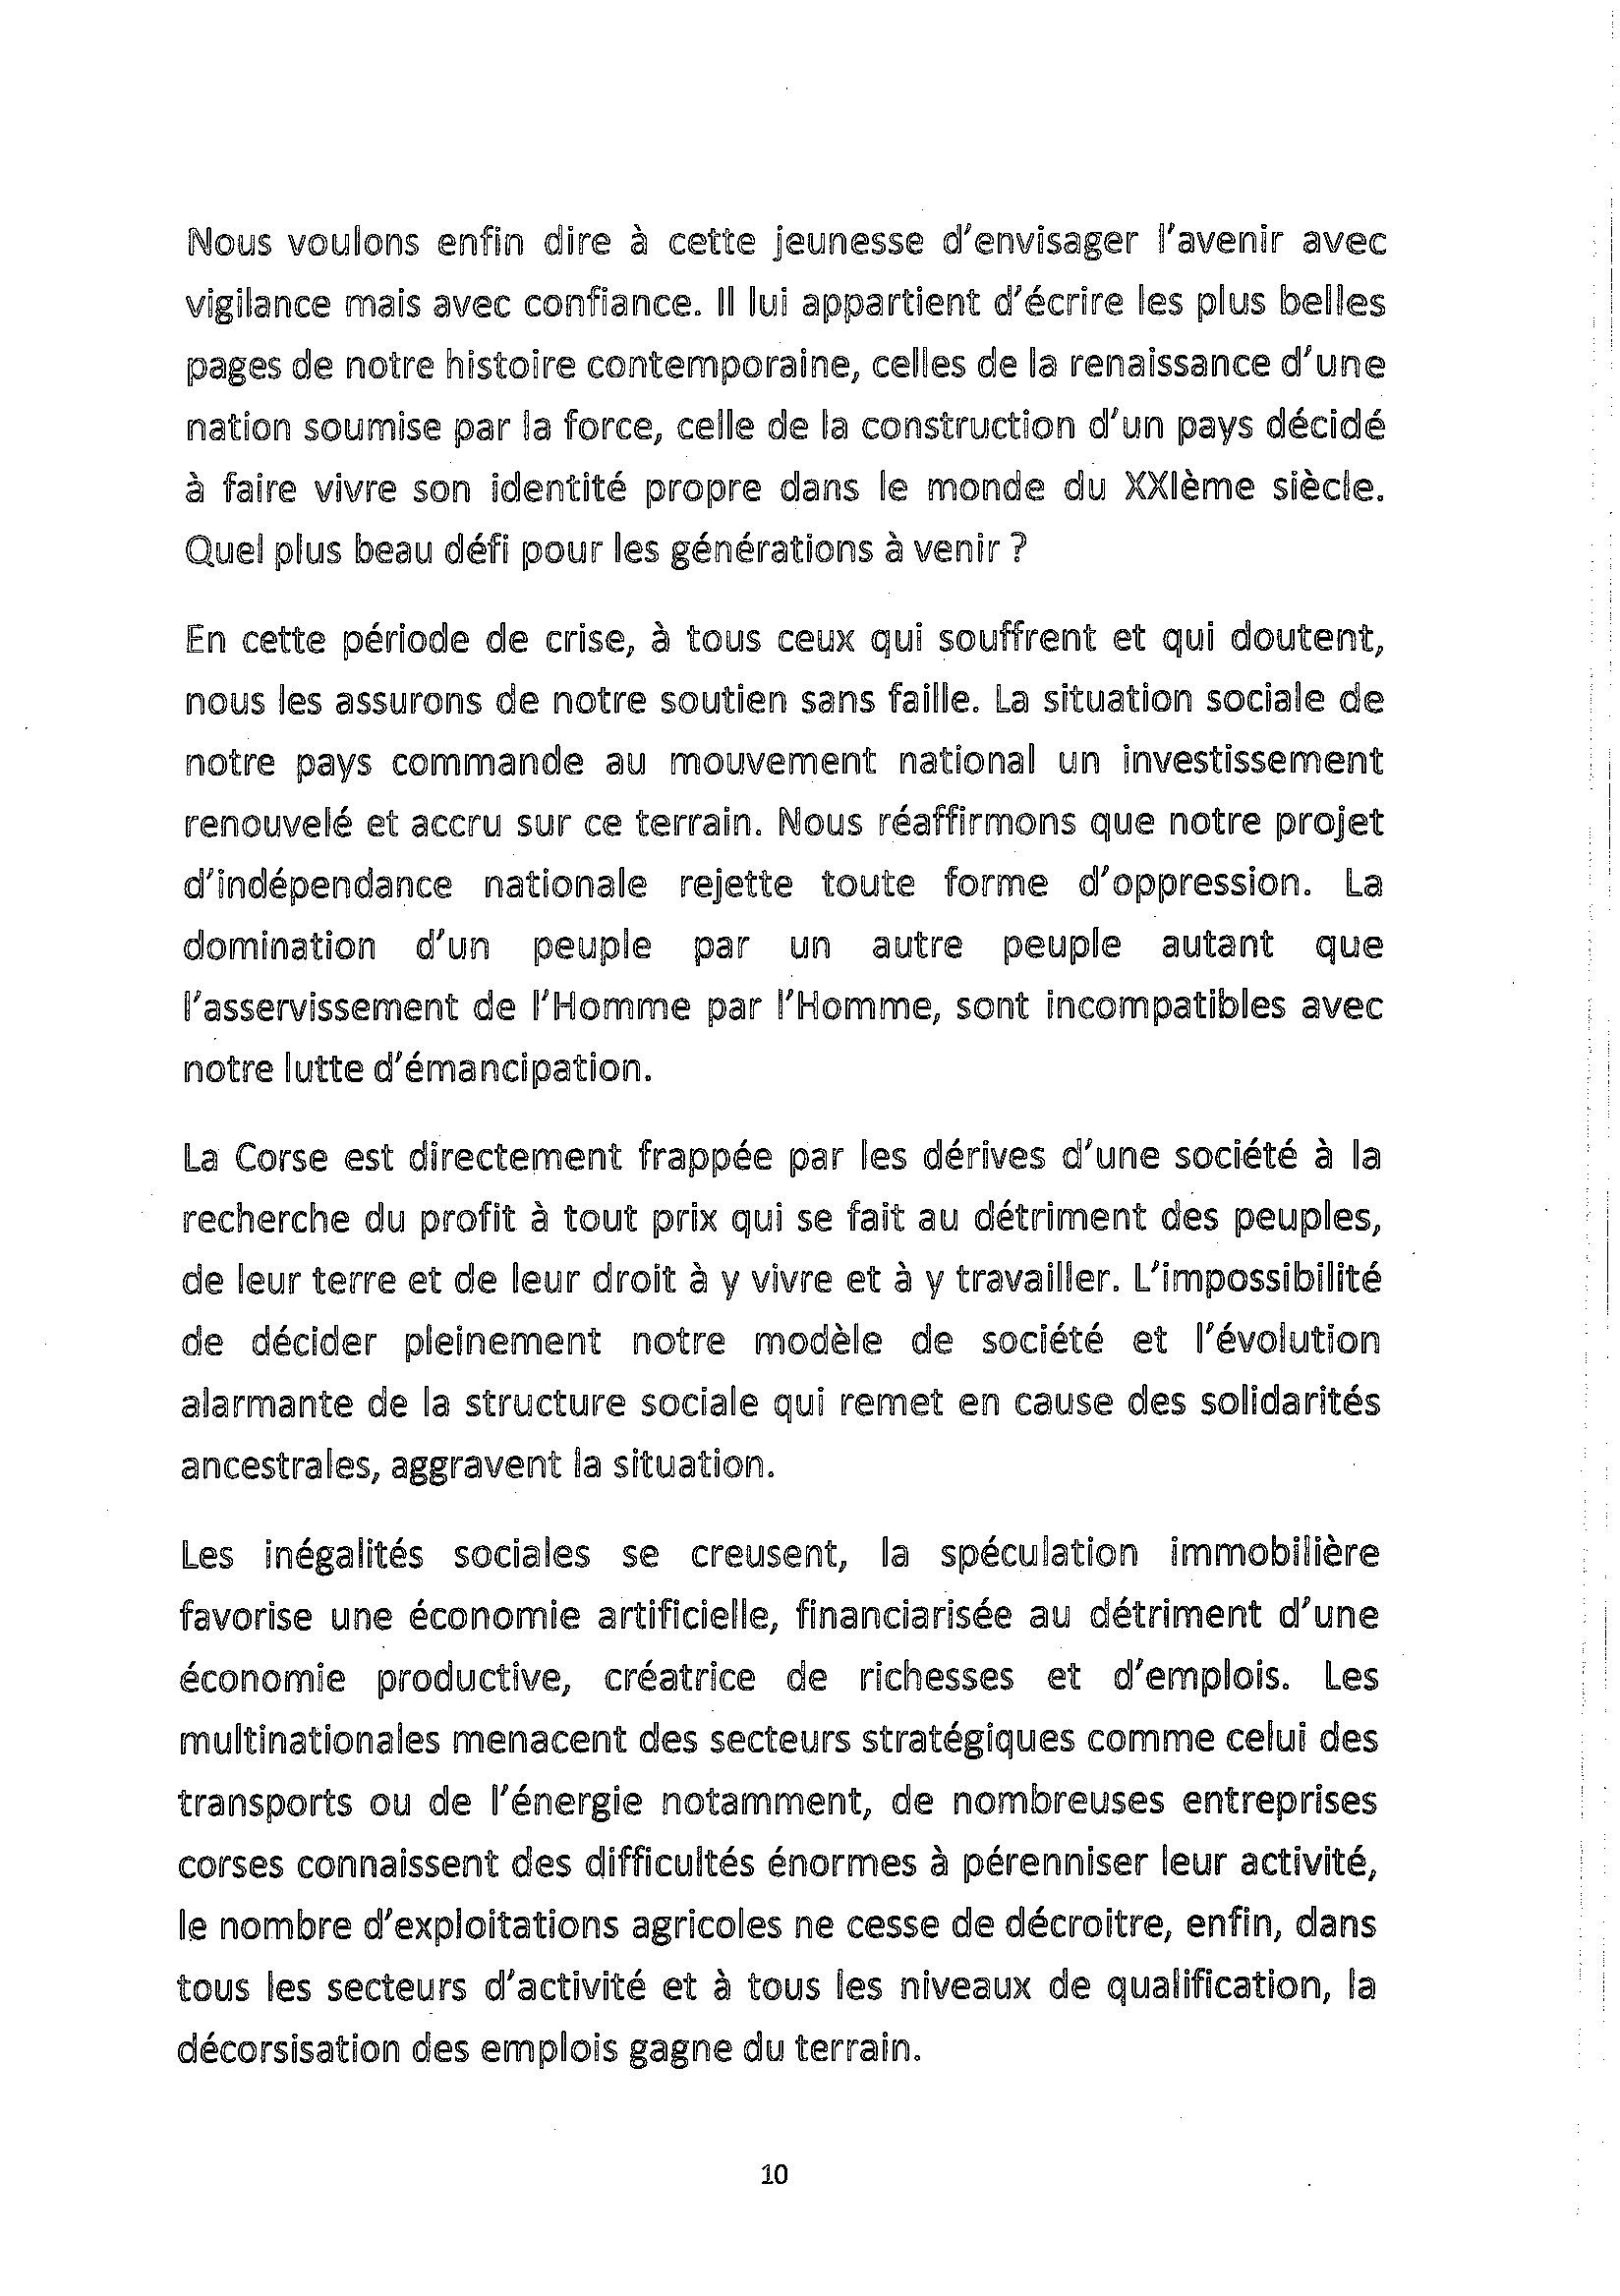 Le FLNC annonce qu'il dépose les armes